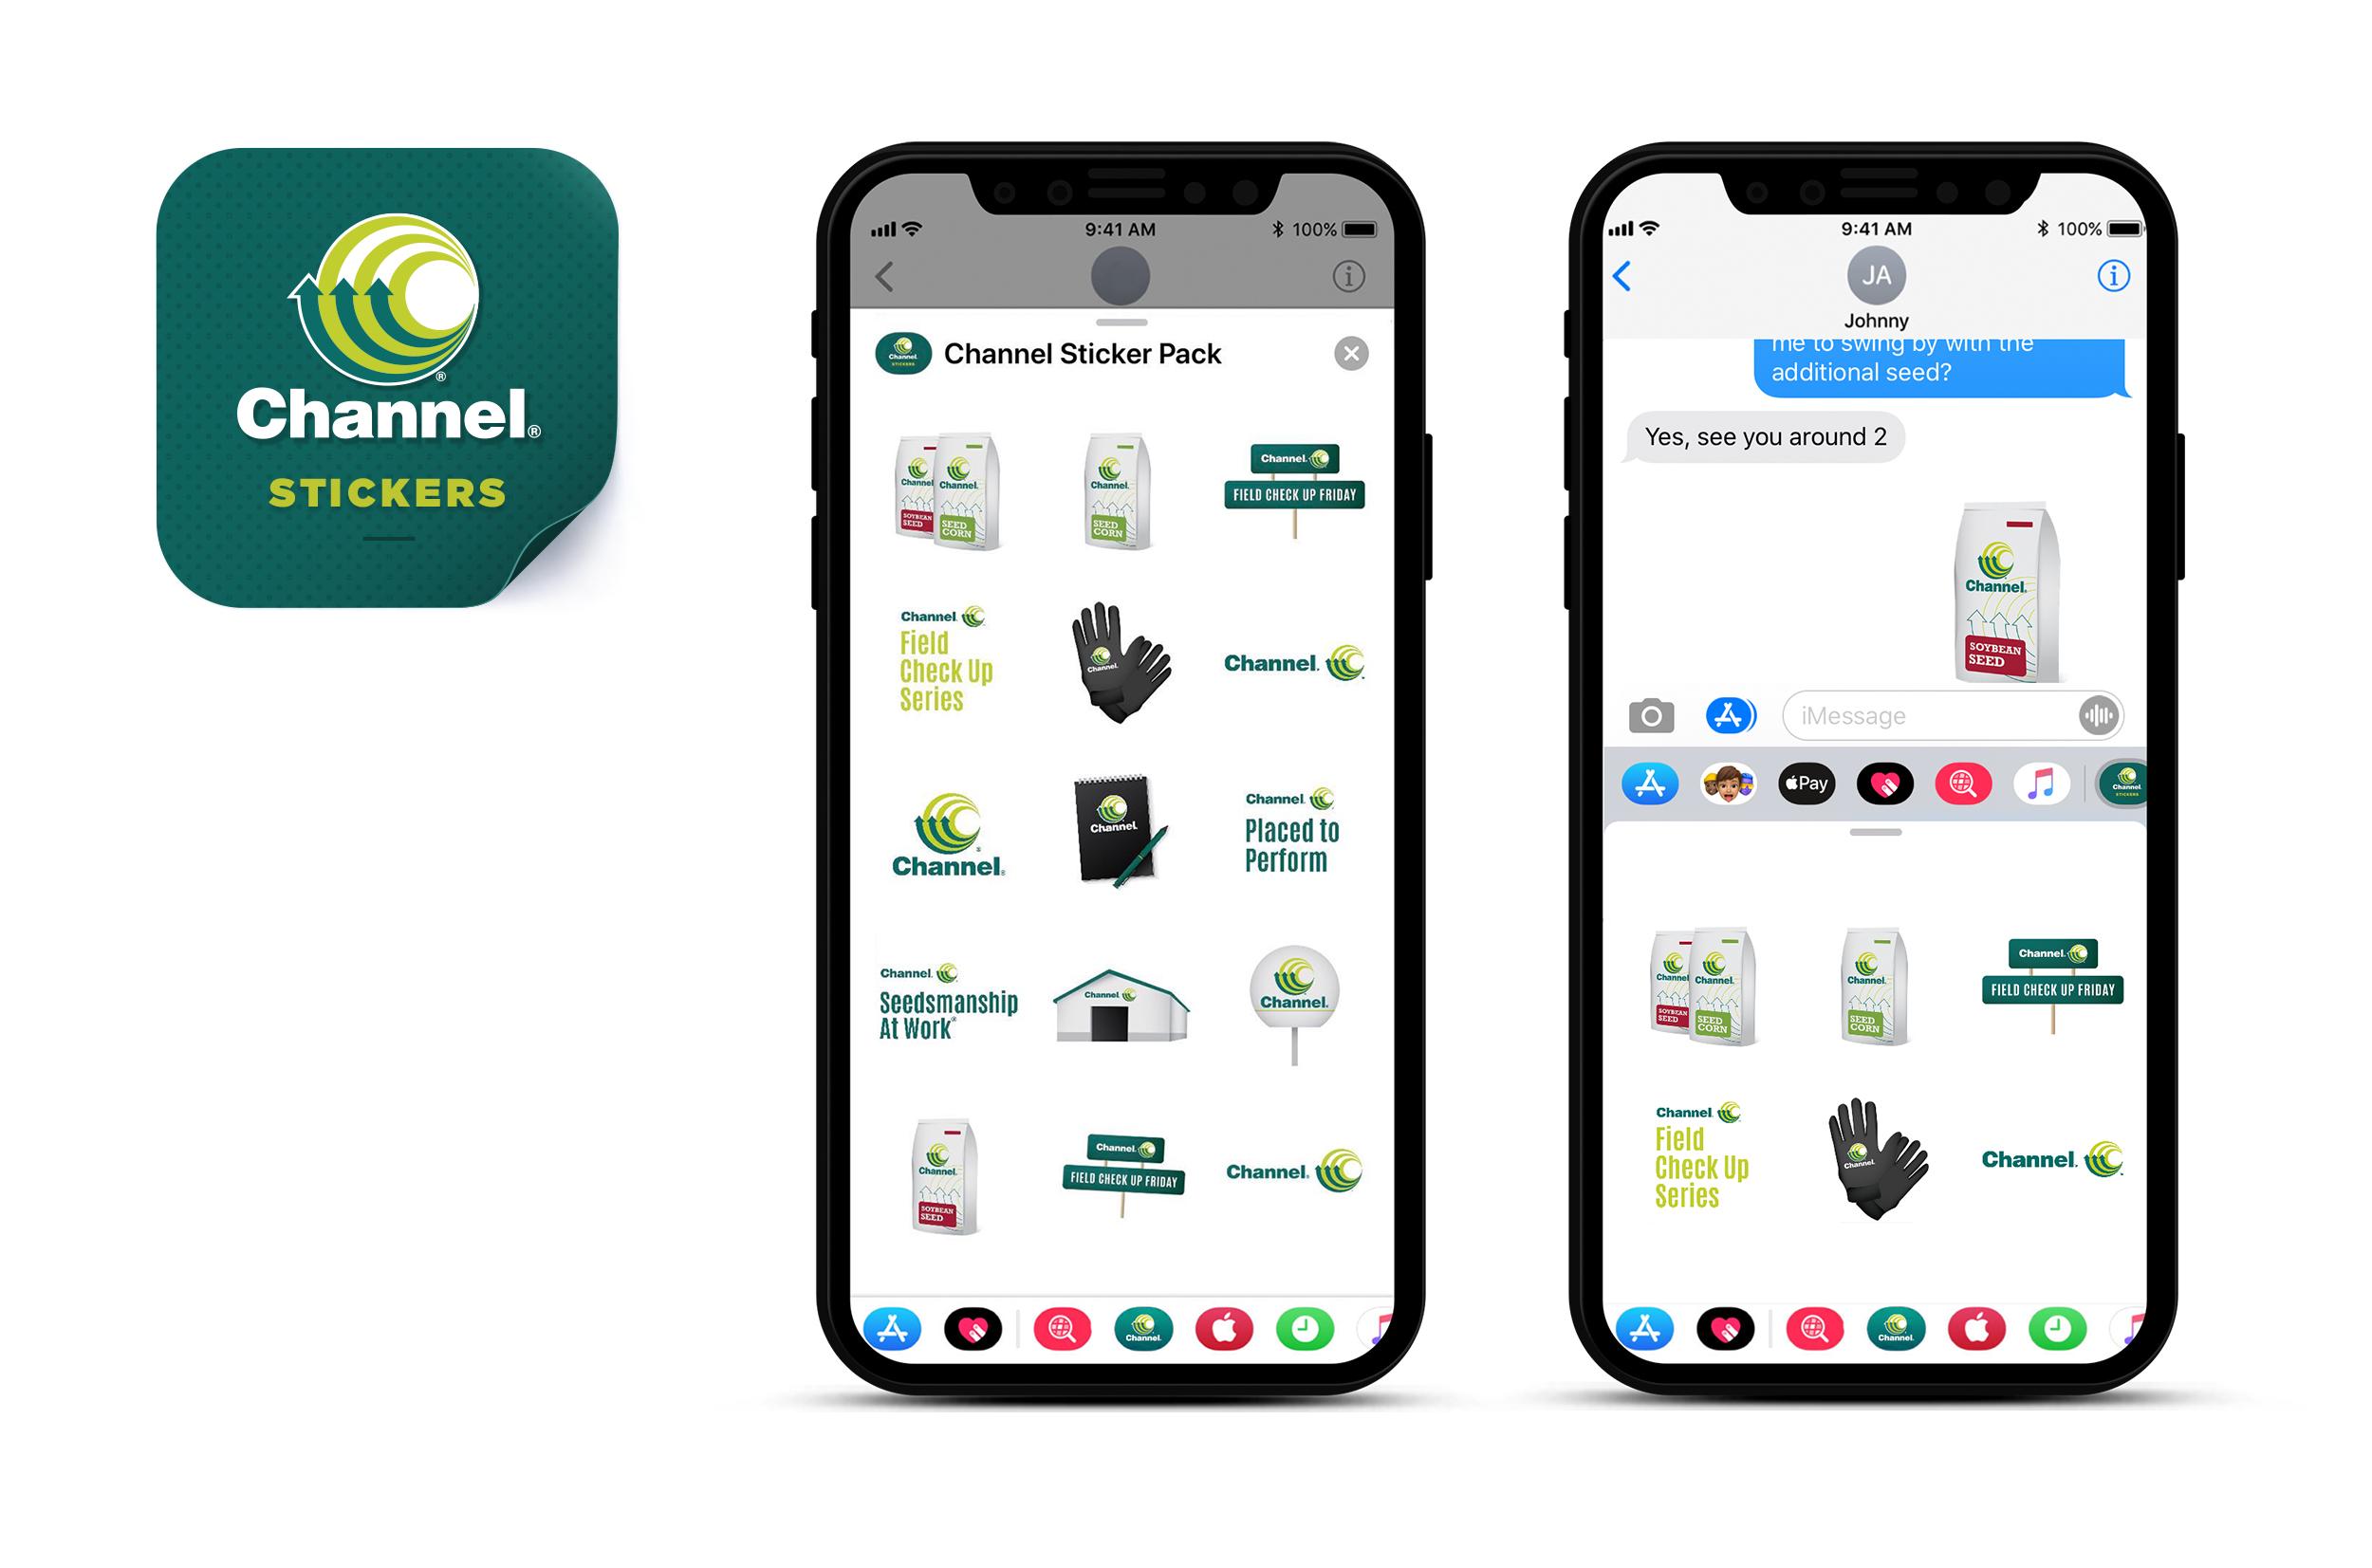 Channel Sticker App